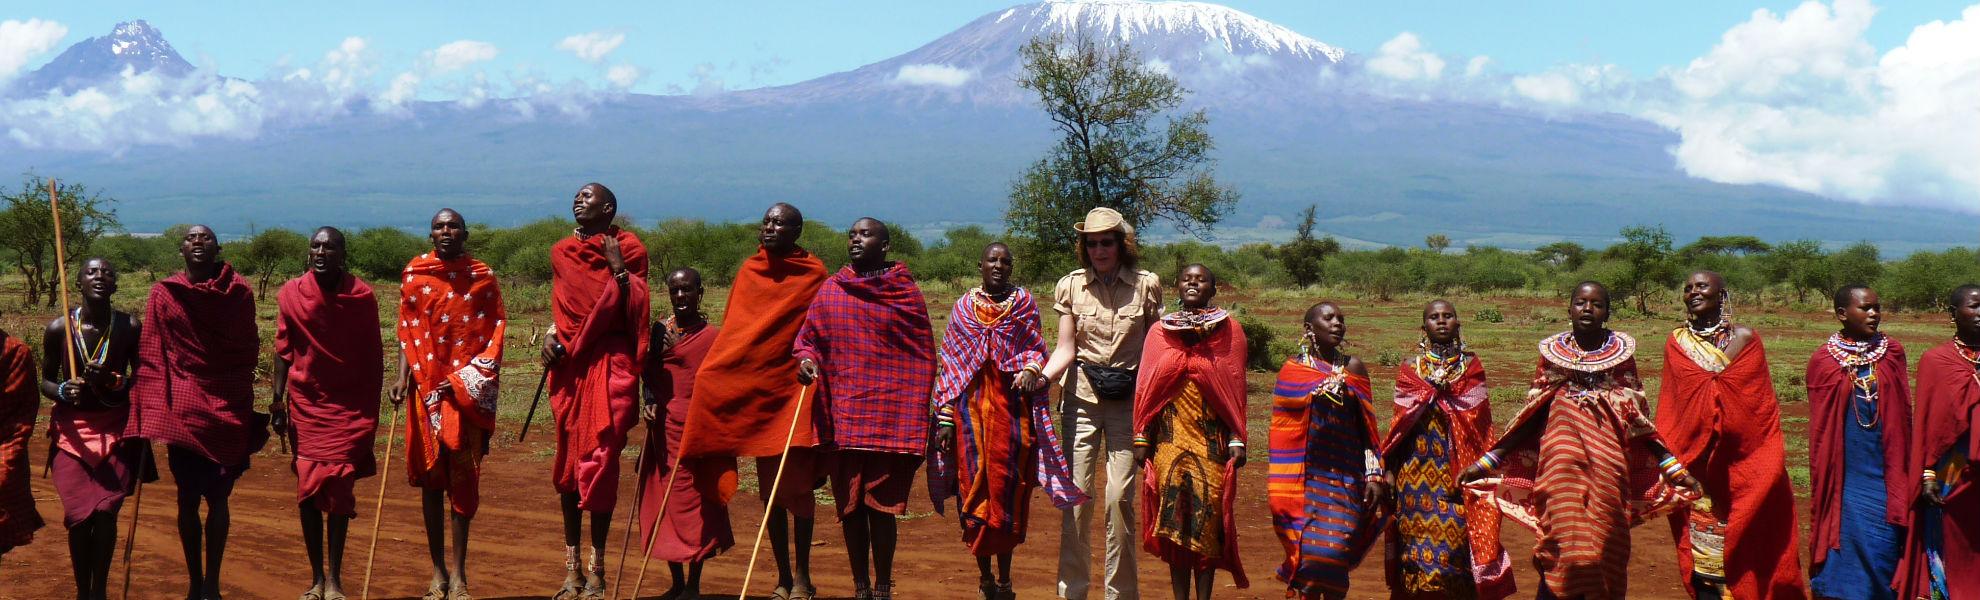 Massai vor der Kulisse des Kilimanjaro